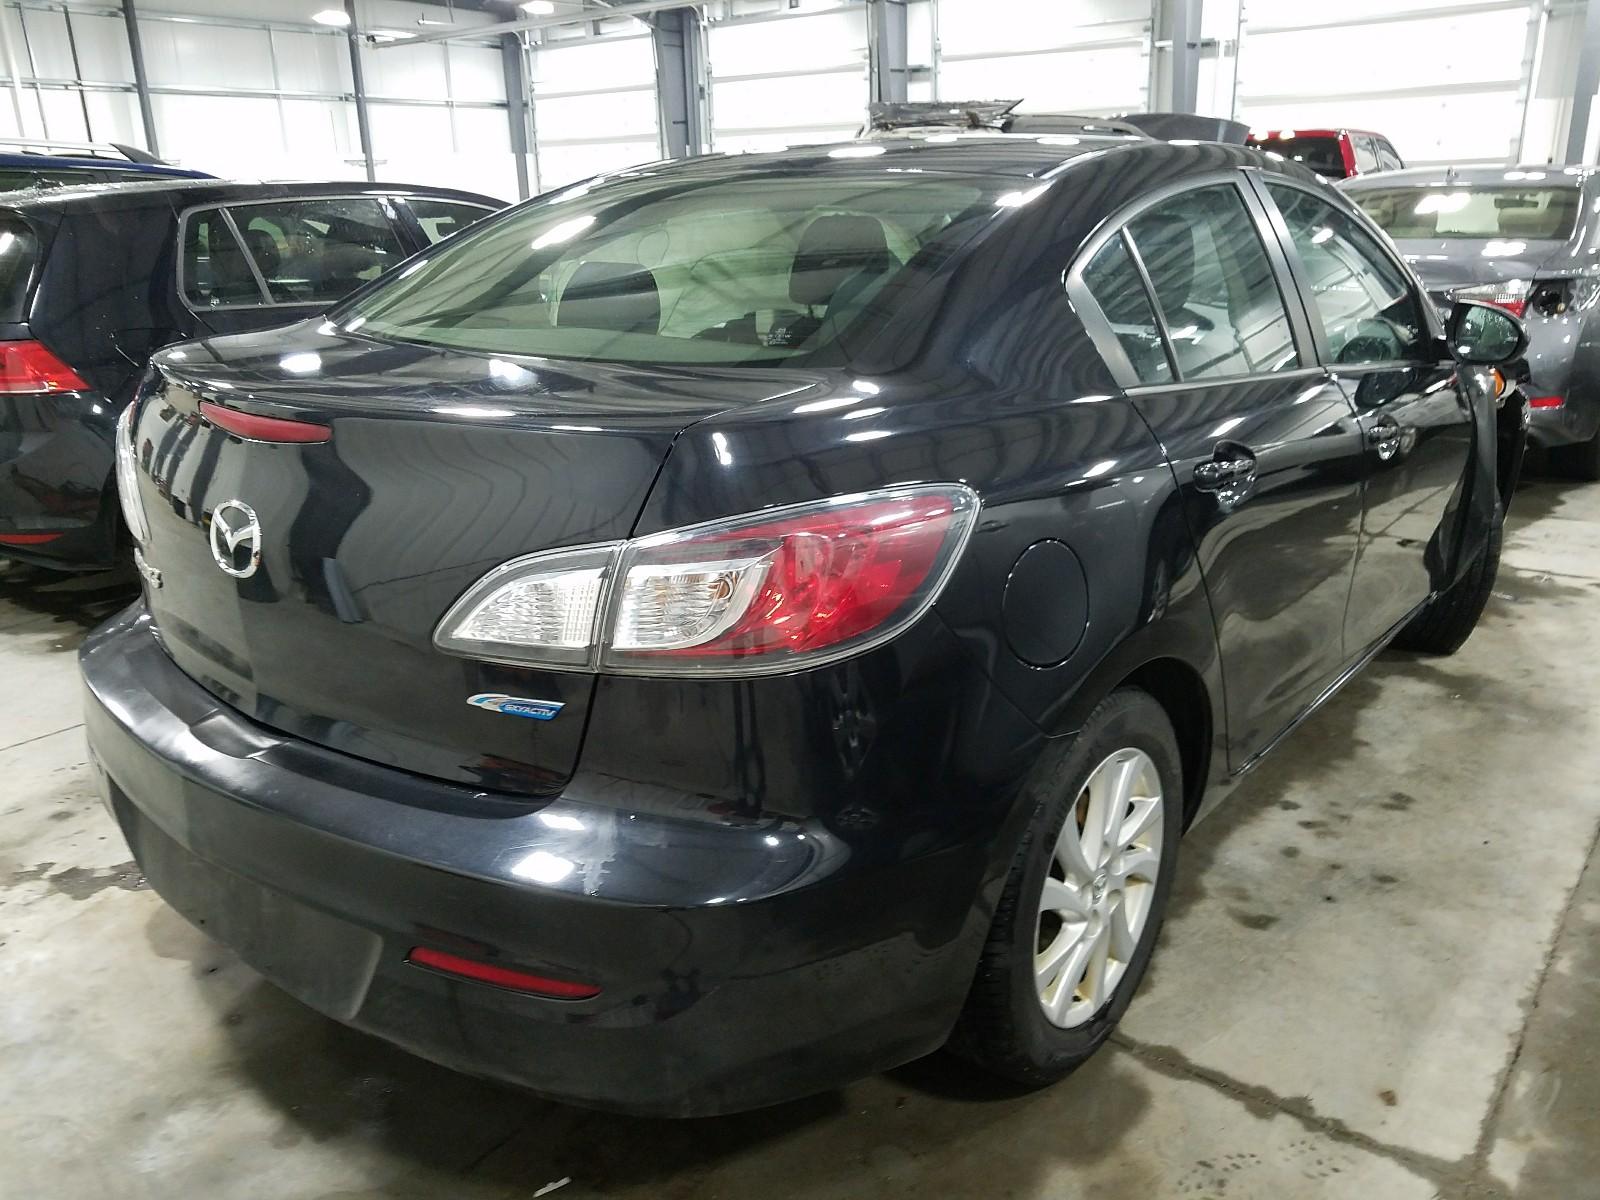 JM1BL1V75C1602466 - 2012 Mazda 3 I 2.0L rear view